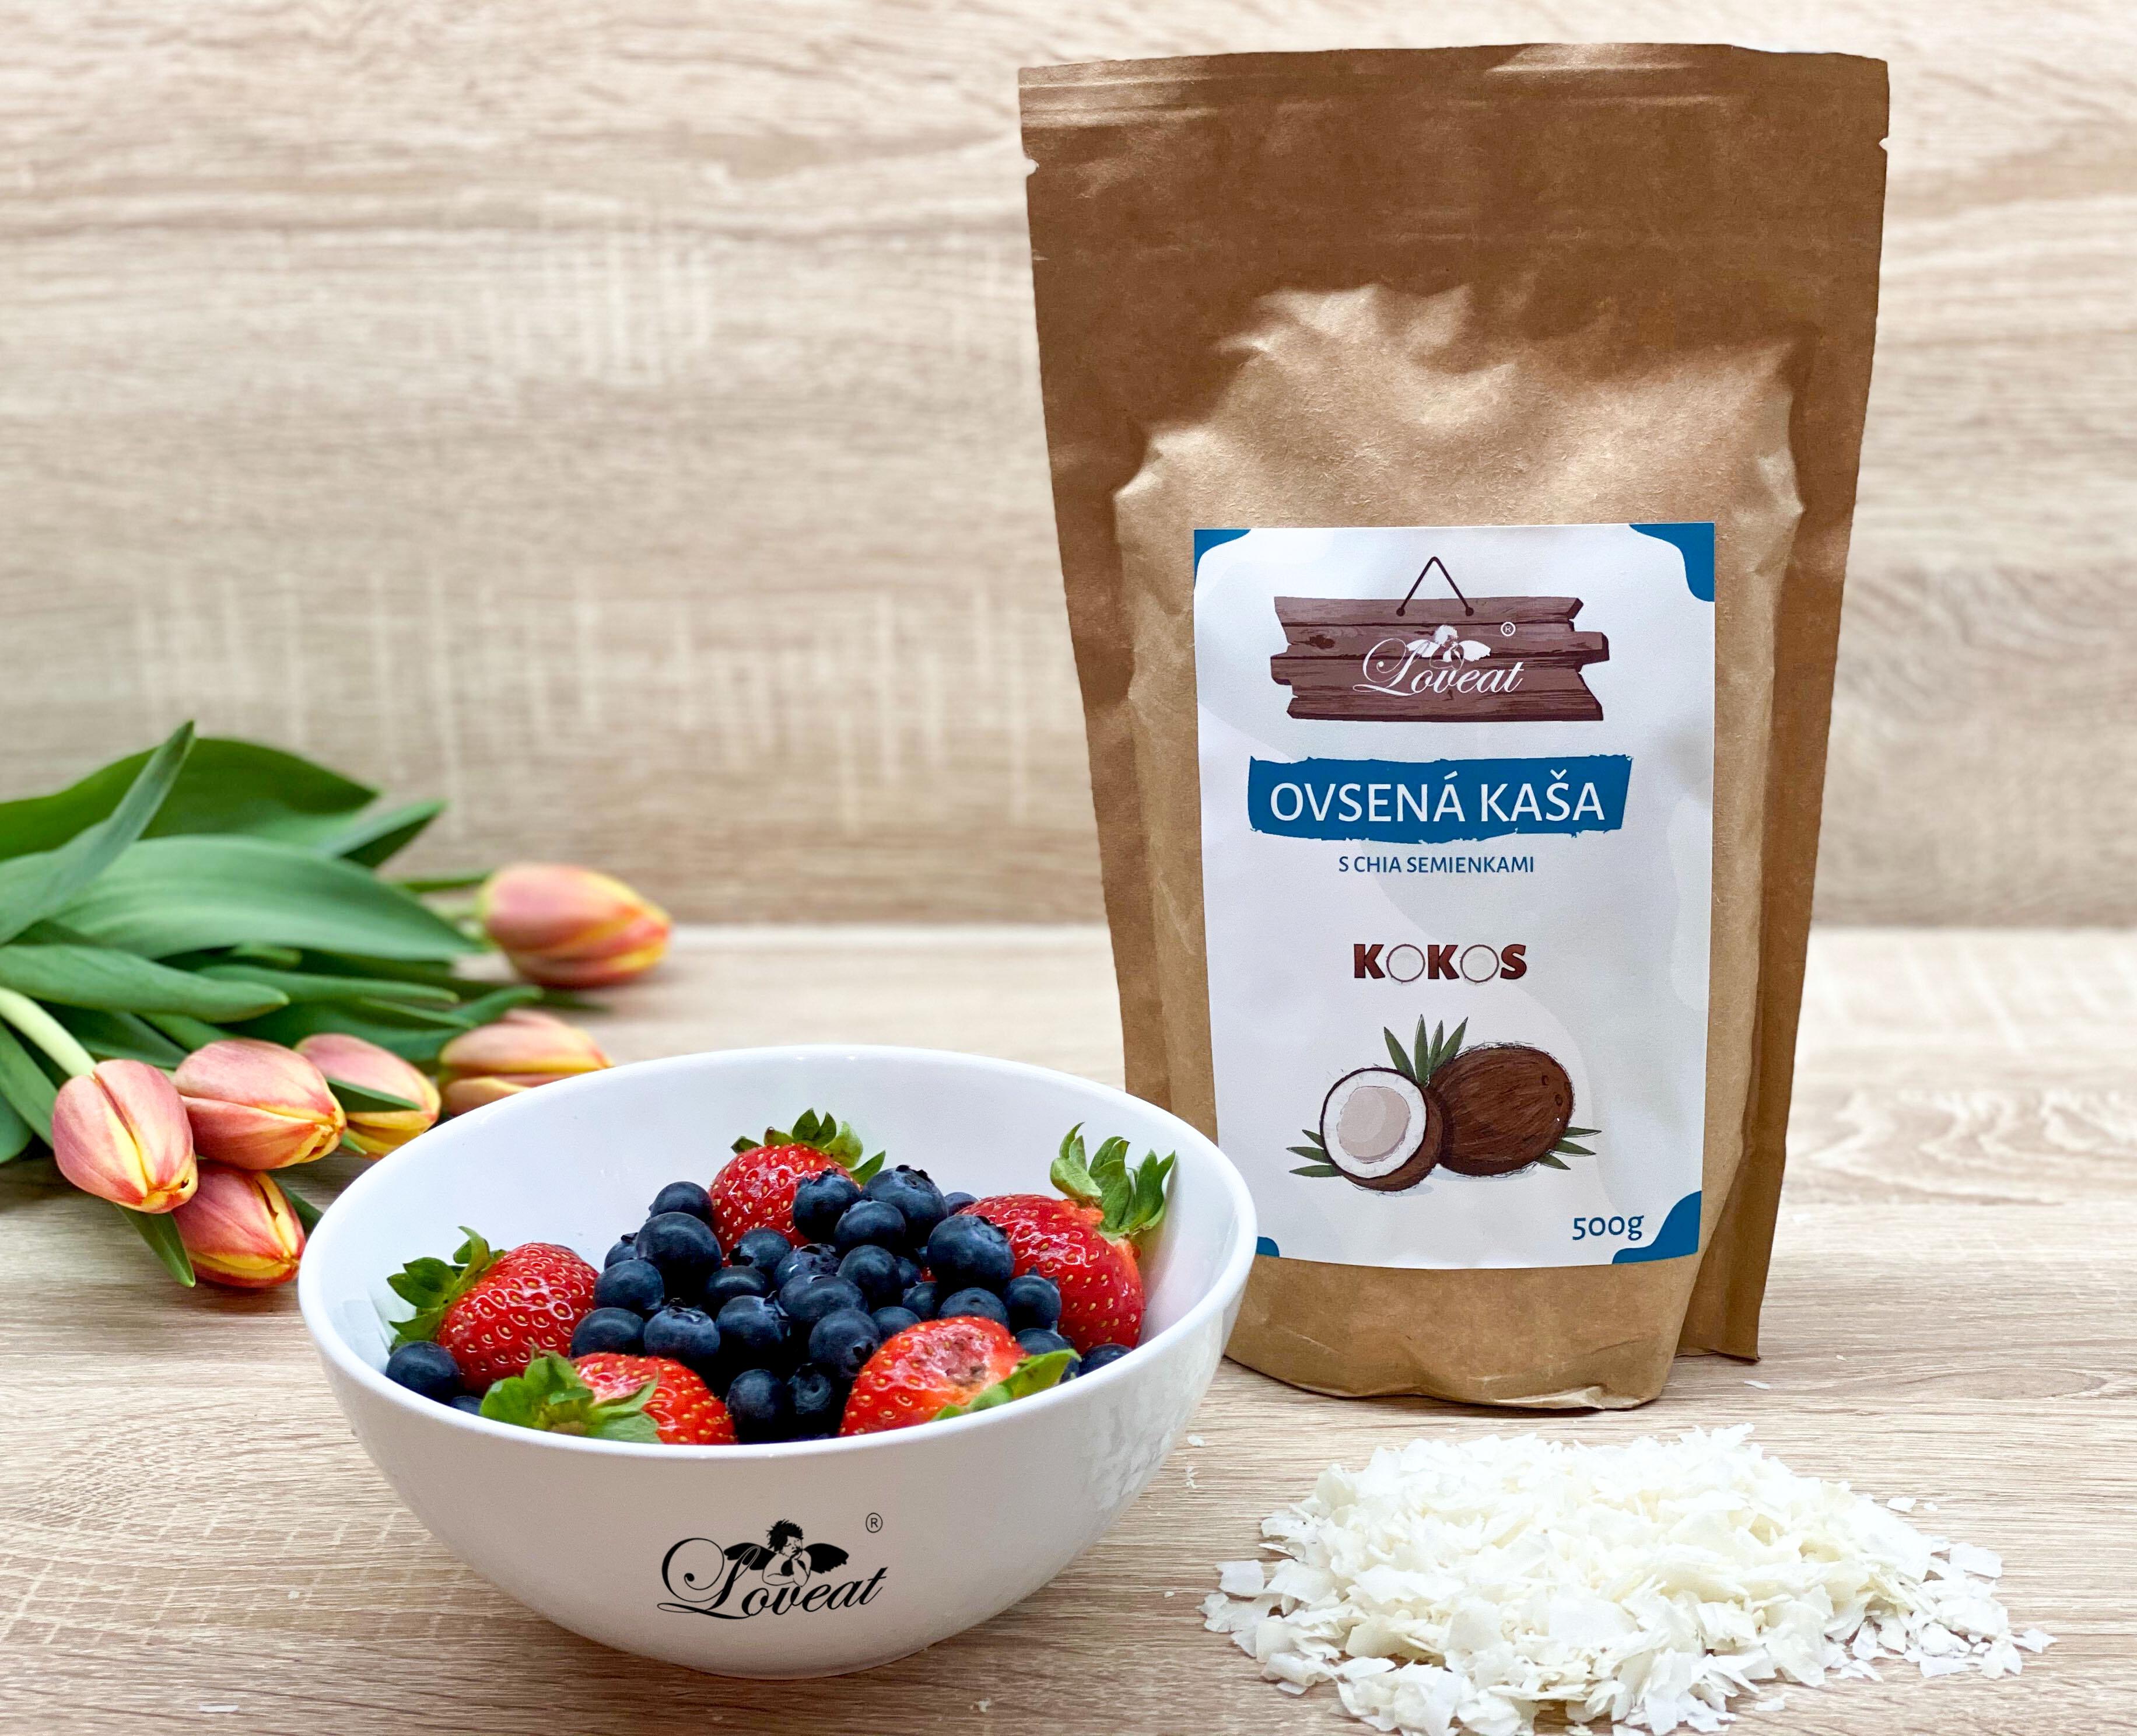 Fitness ovsená kaša LOVEAT schia semienkami – Kokosová 500 g